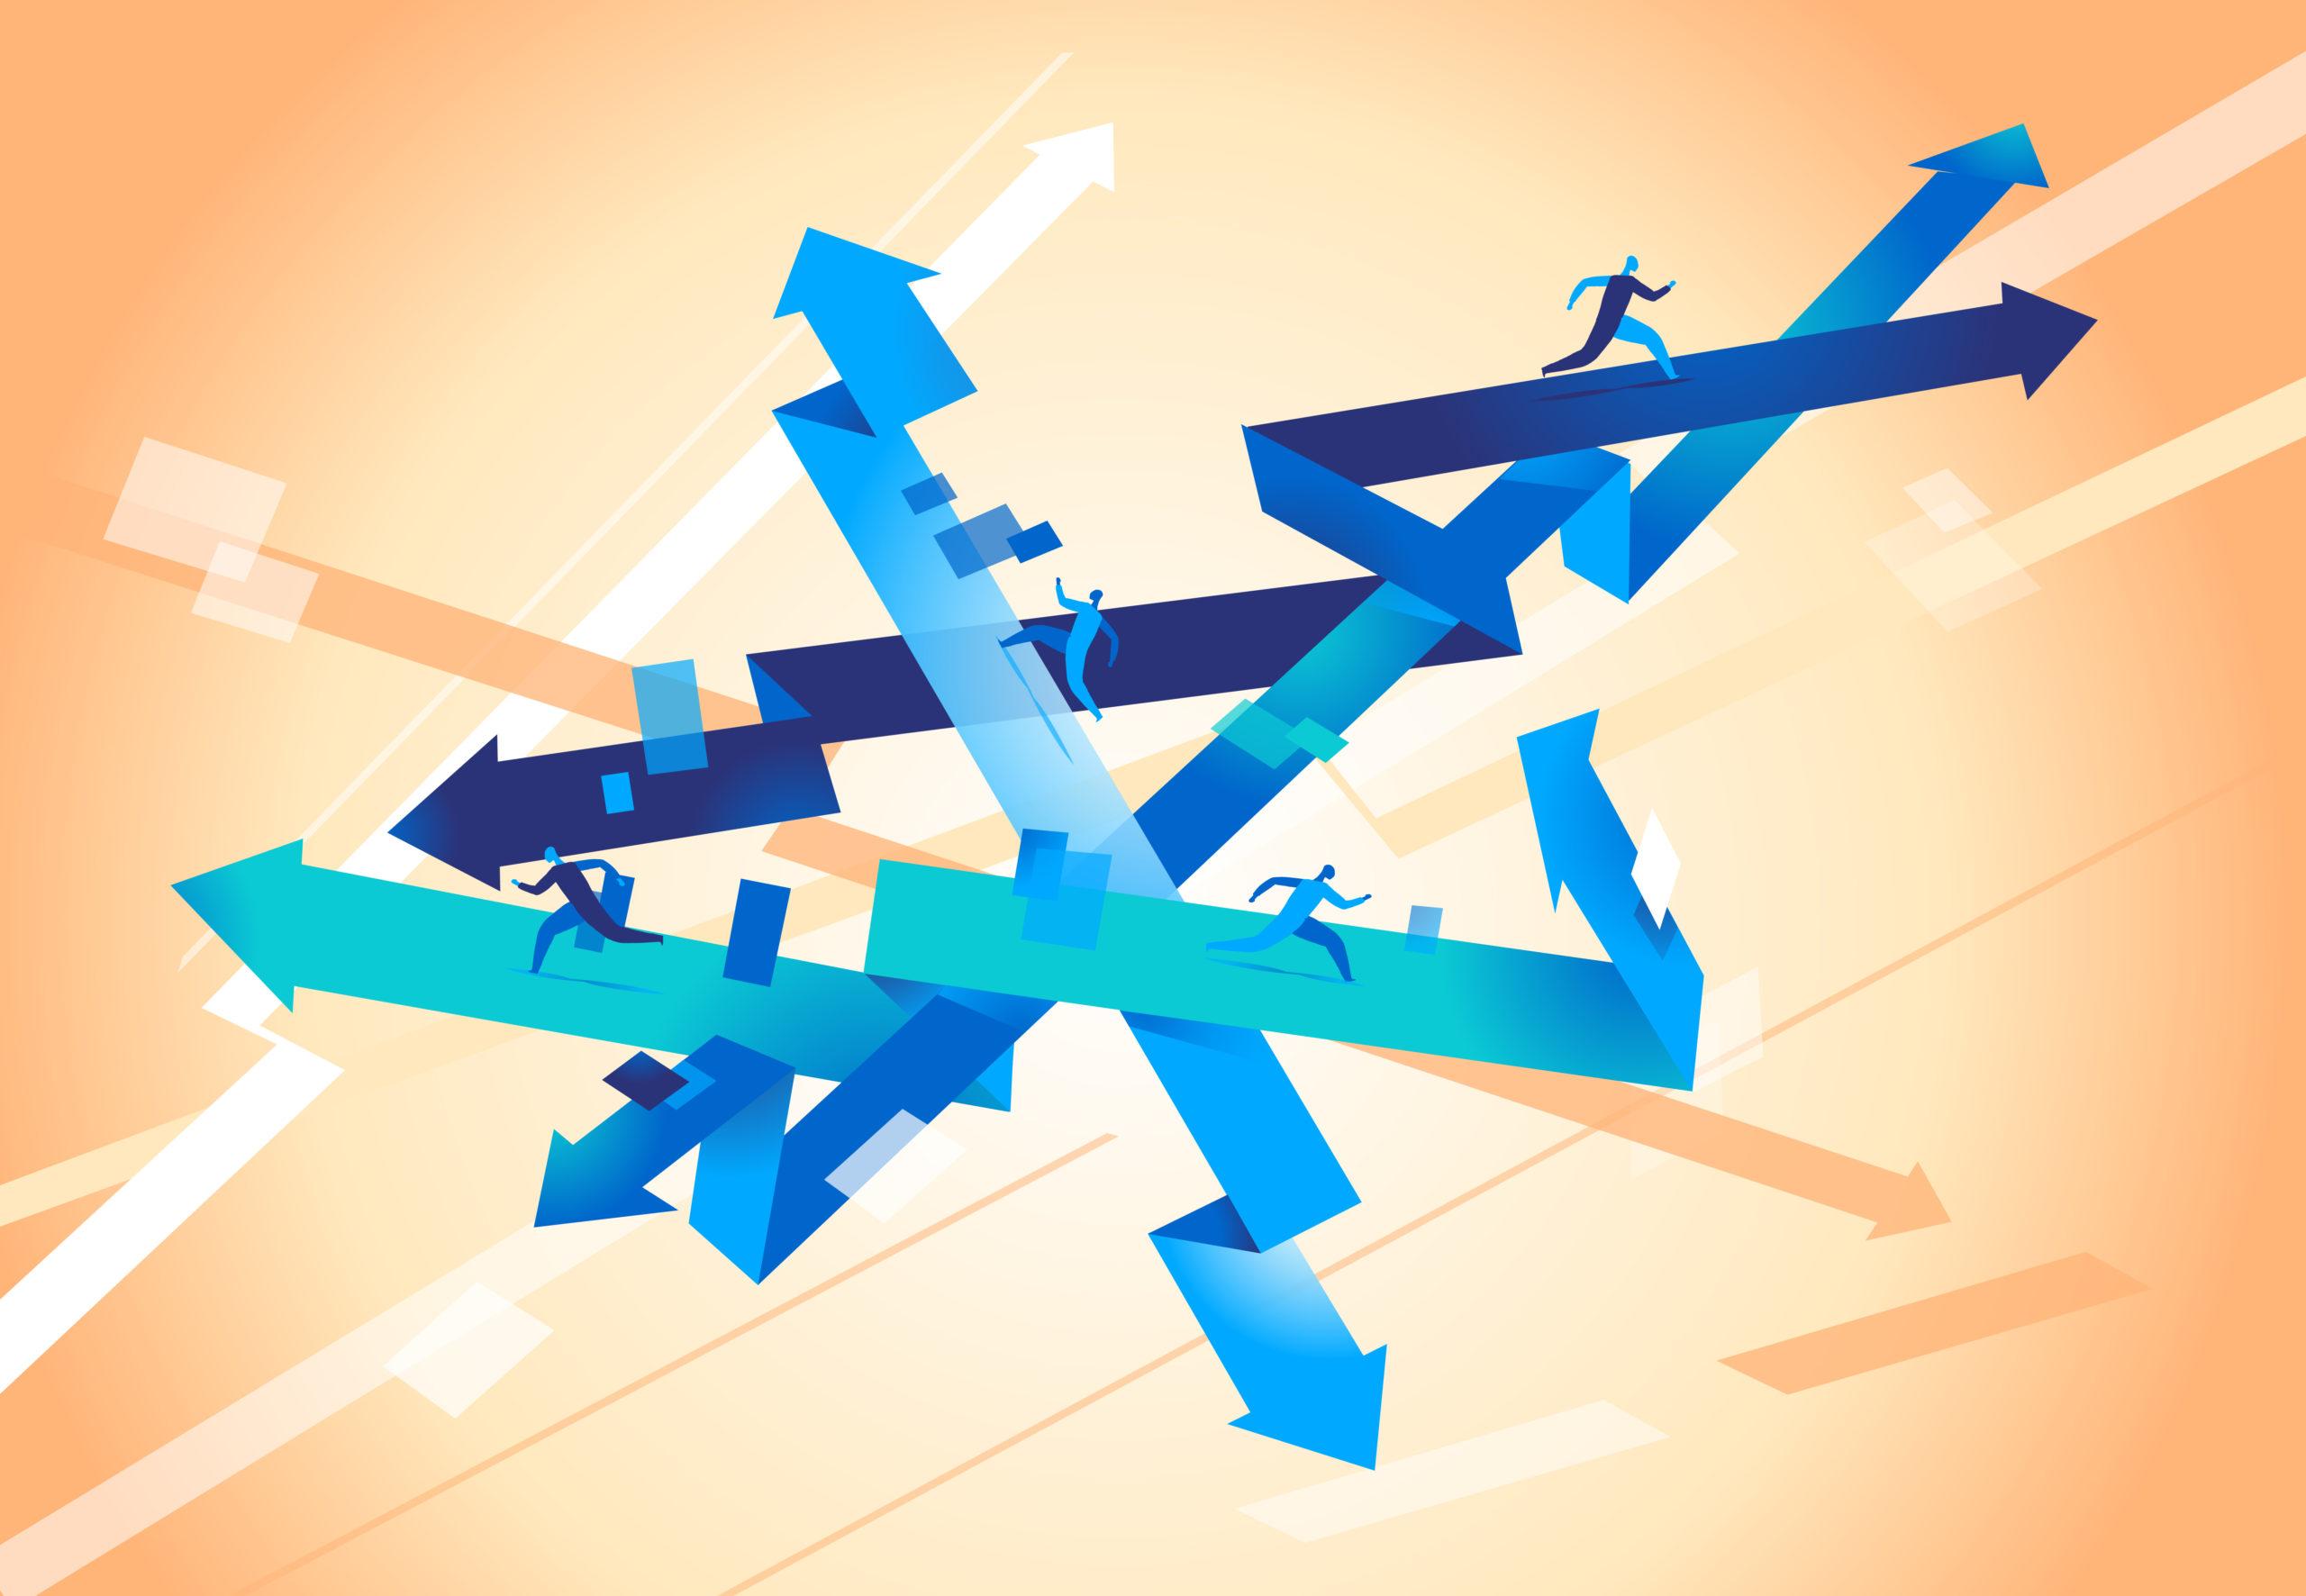 【意外な落とし穴】パーマリンクの決め方3つと設定方法【SEOへの影響はある?】